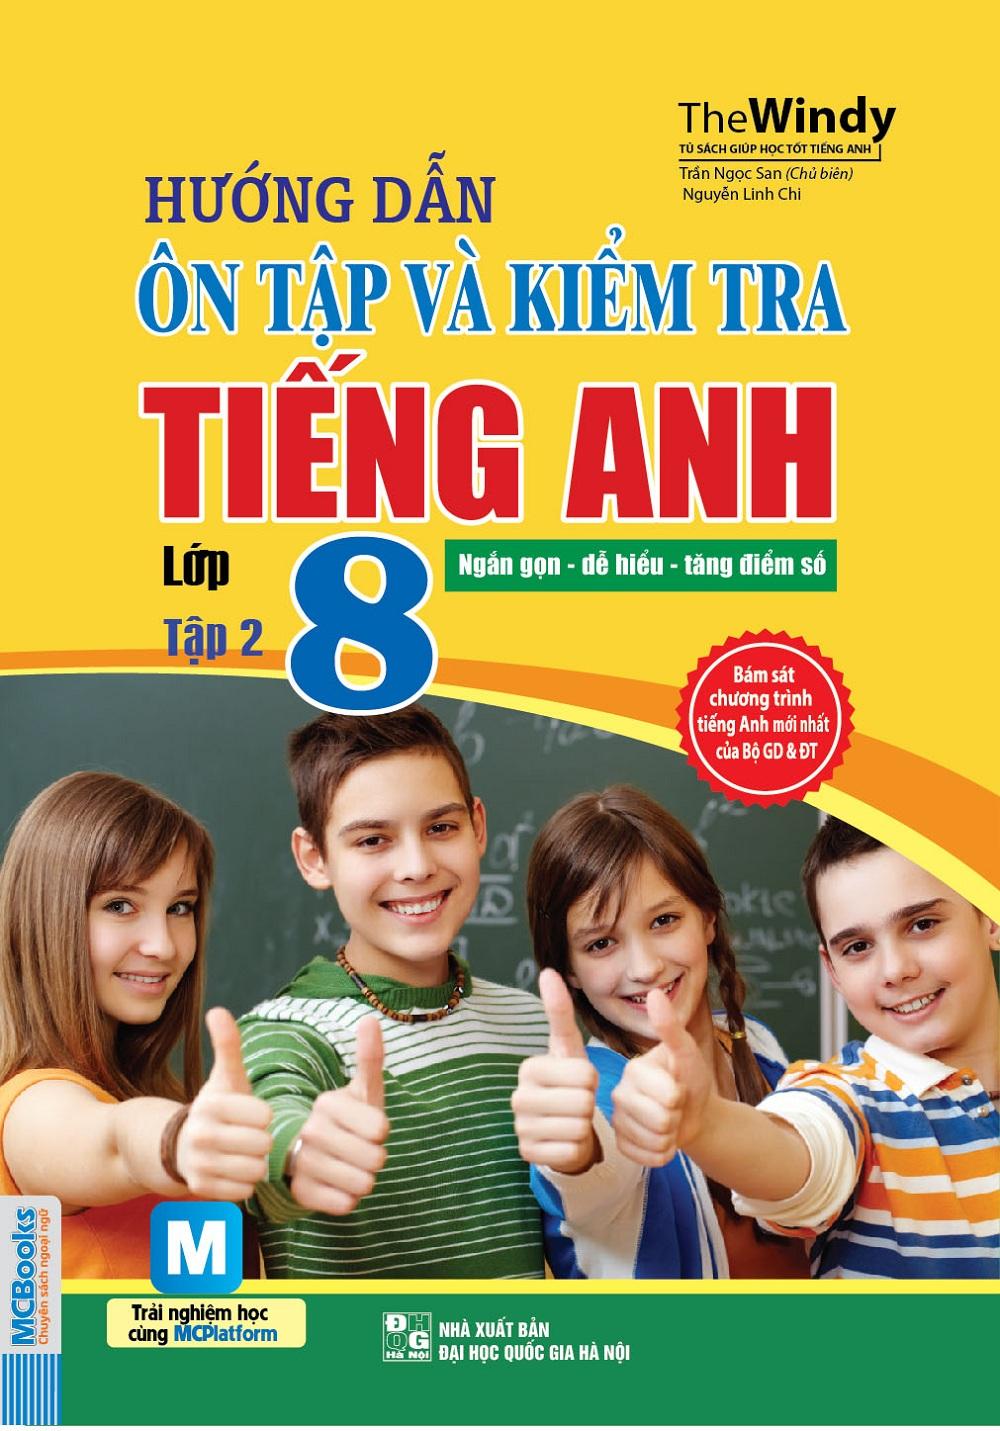 Hướng Dẫn Ôn Tập Và Kiểm Tra Tiếng Anh Lớp 8 (Tập 2)